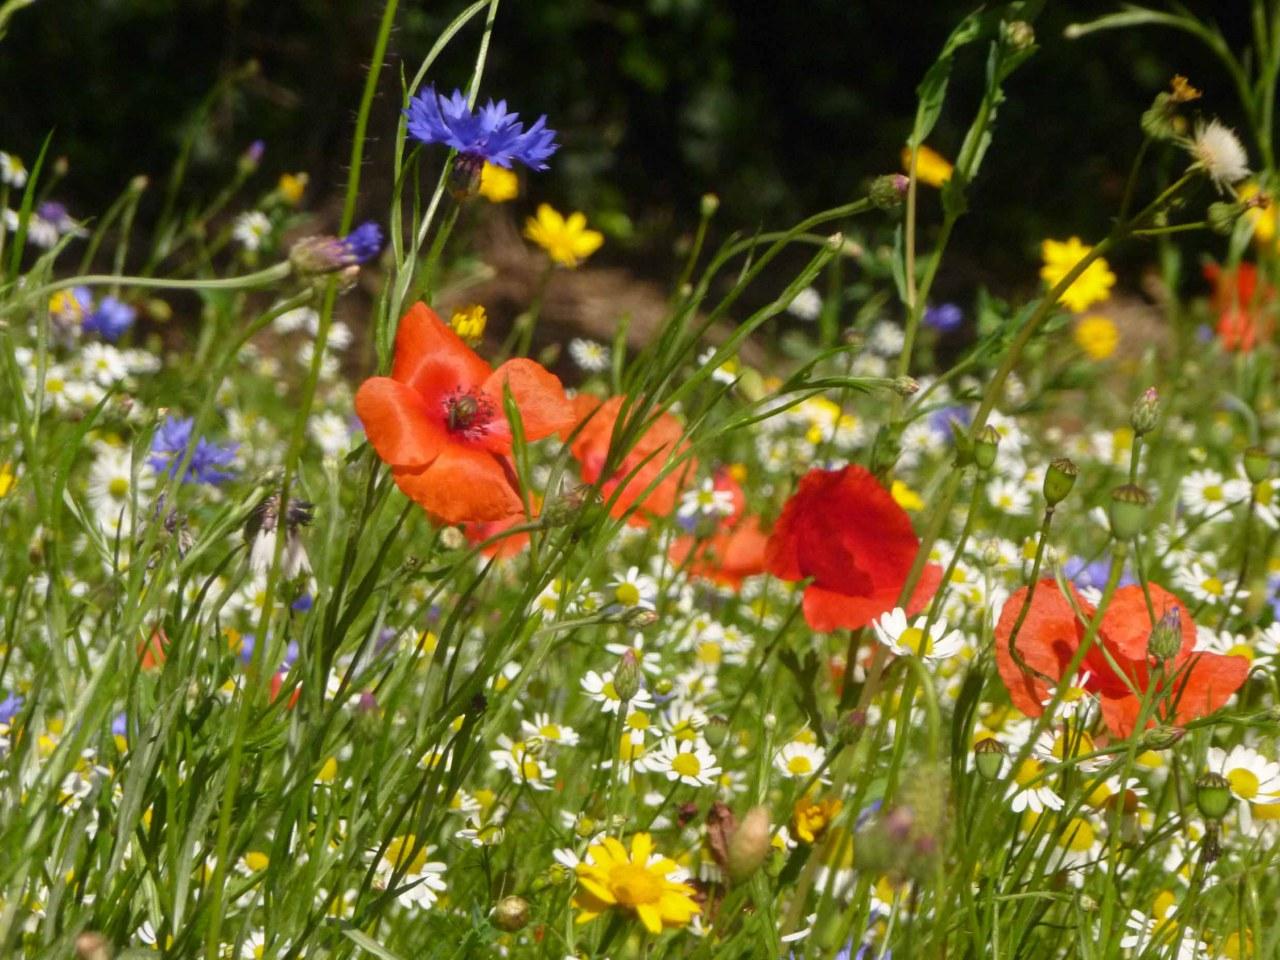 Fleurs des champs 5 gr jardin de sauveterre fleurs des champs 5 gr thecheapjerseys Image collections